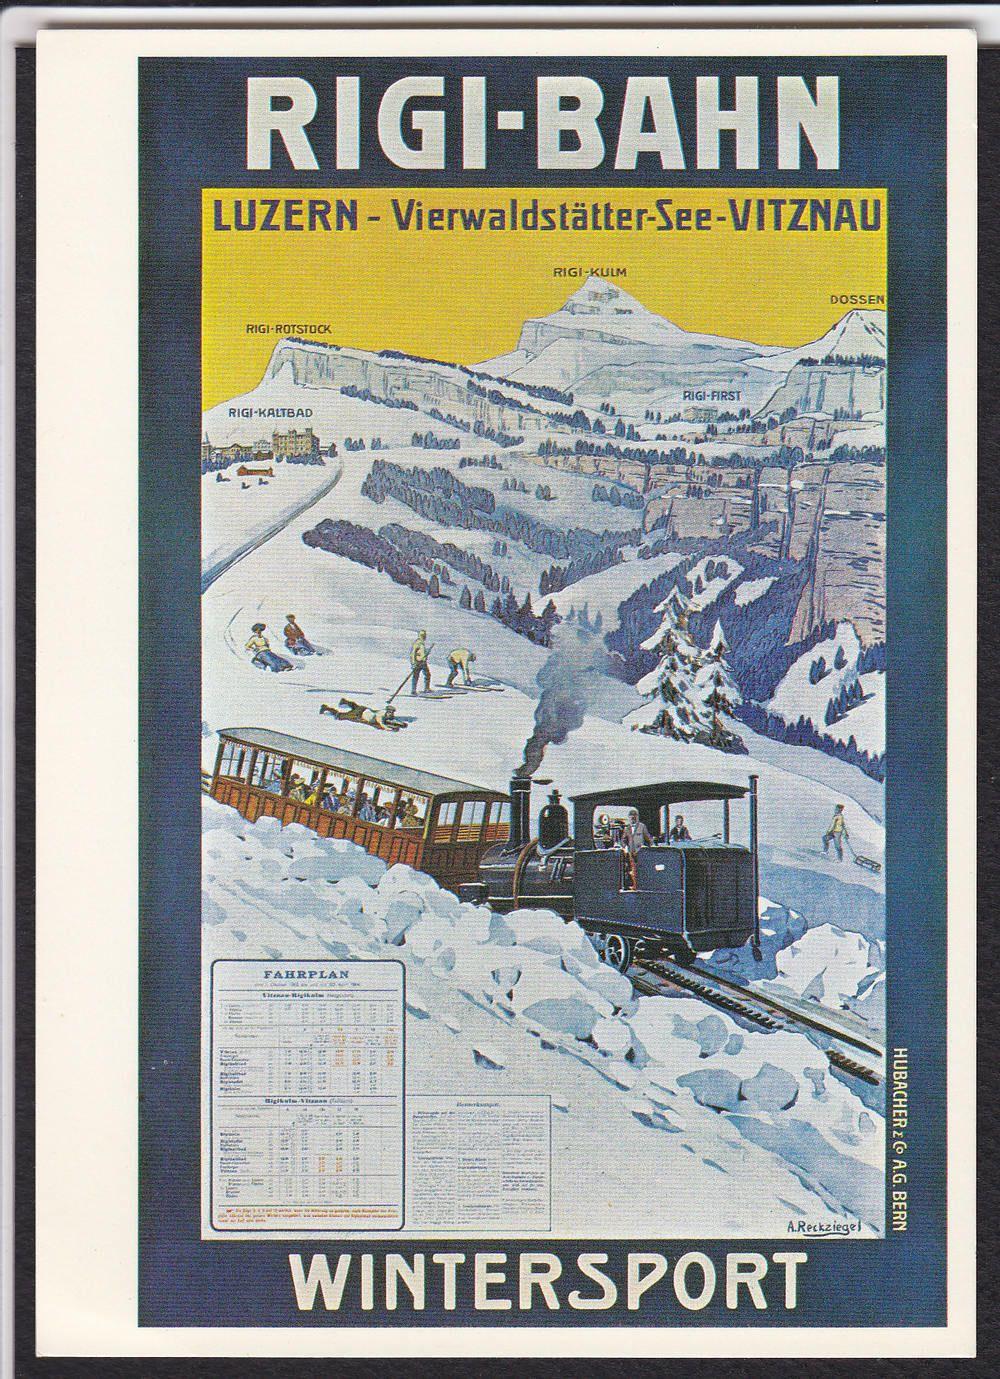 Reckziegel-Wintersport-Rigi-Bahn-Luzern-Switzerland-Modern-Poster Postcard | eBay